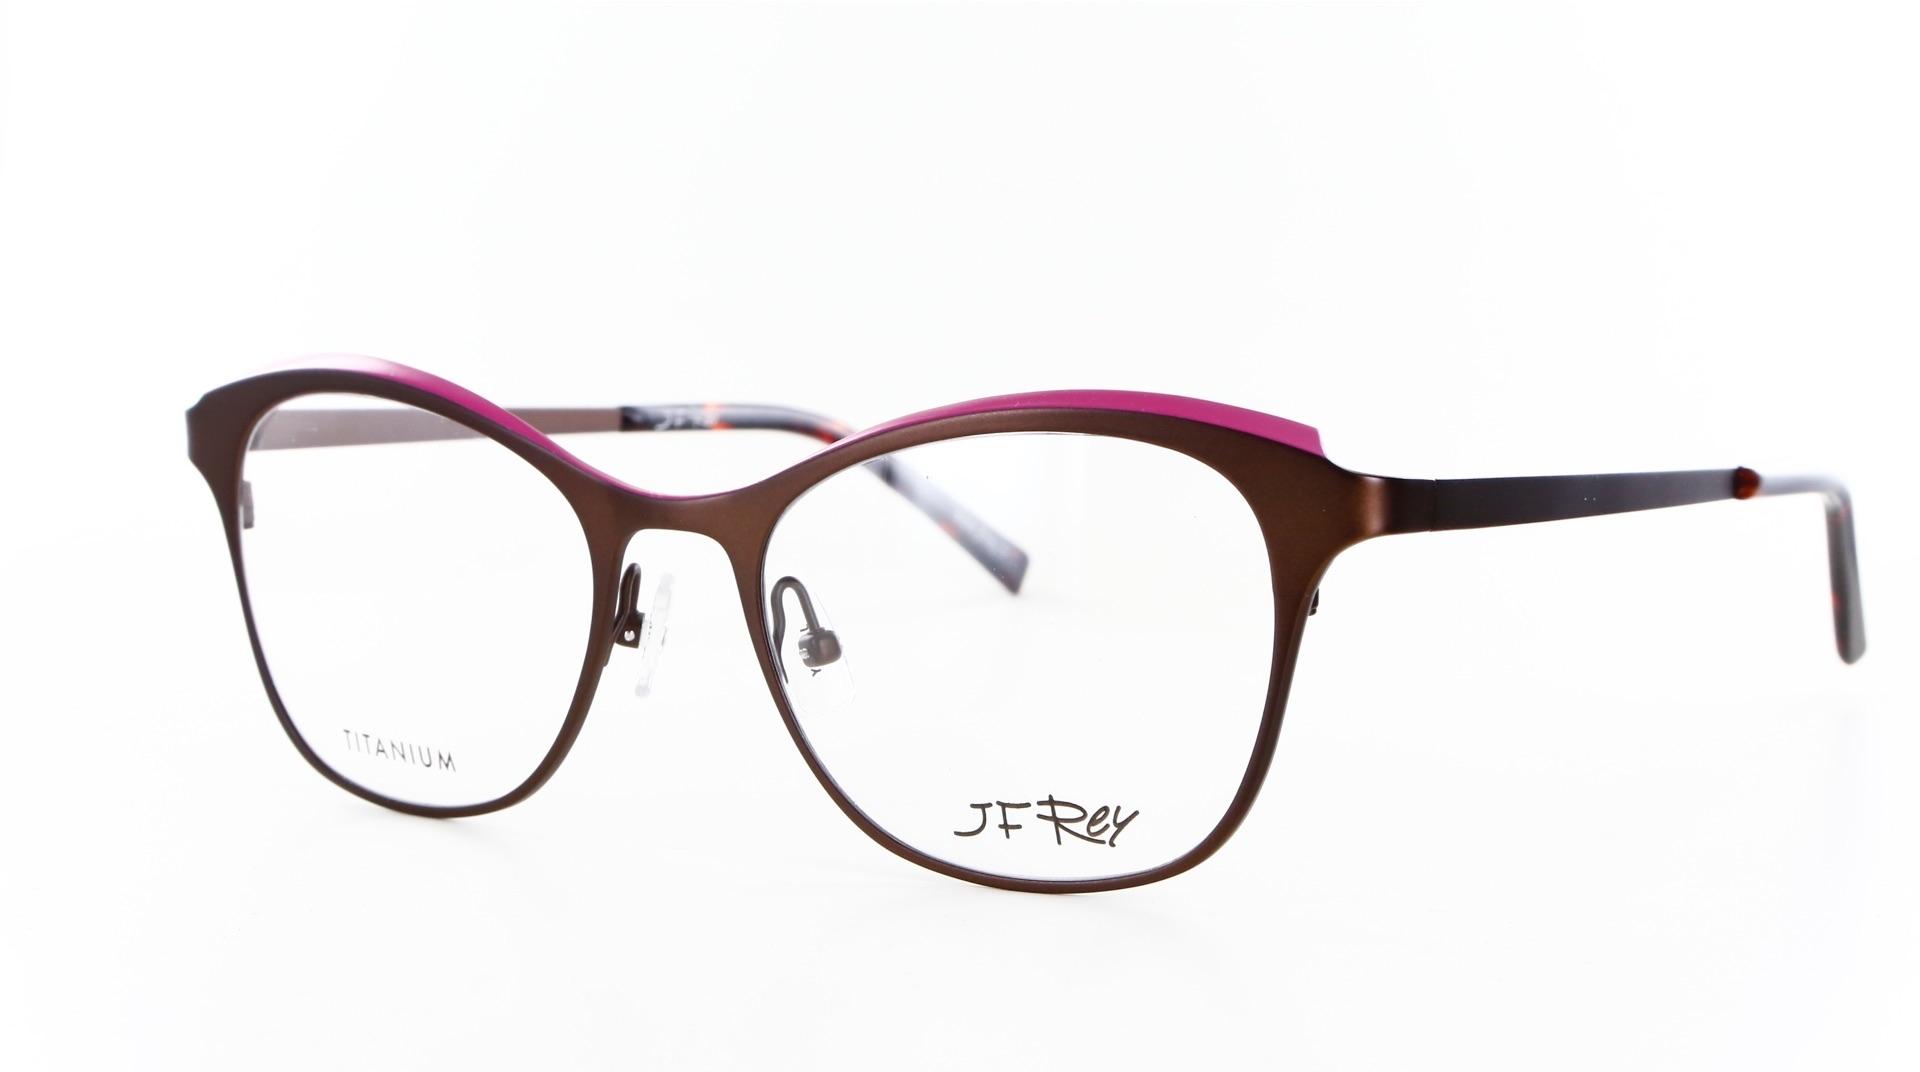 J.F. Rey - ref: 77685